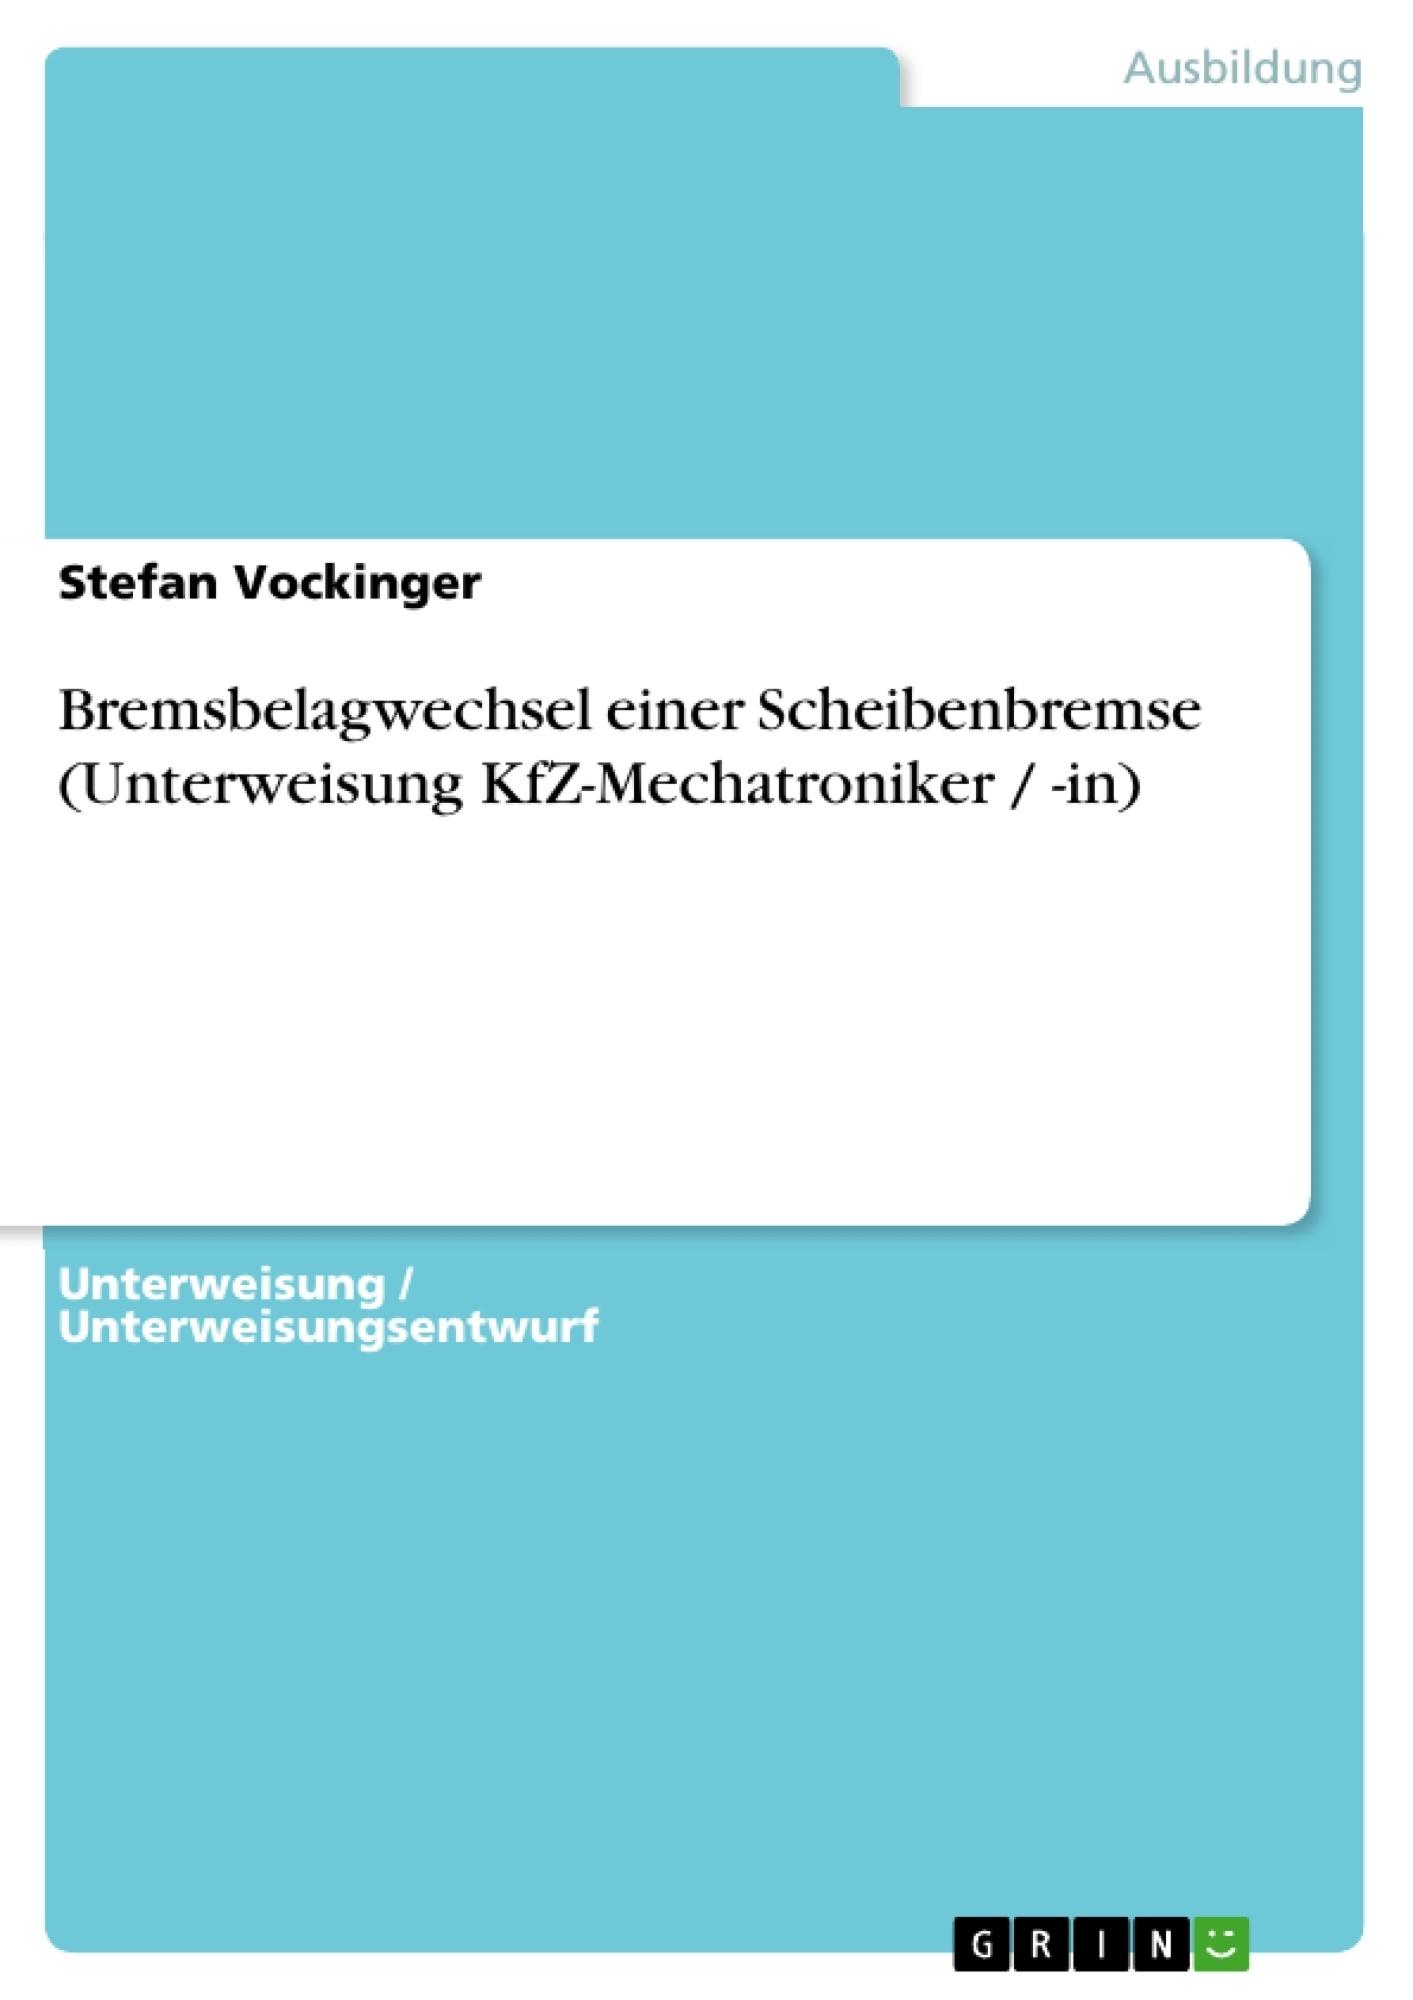 Titel: Bremsbelagwechsel einer Scheibenbremse (Unterweisung KfZ-Mechatroniker / -in)